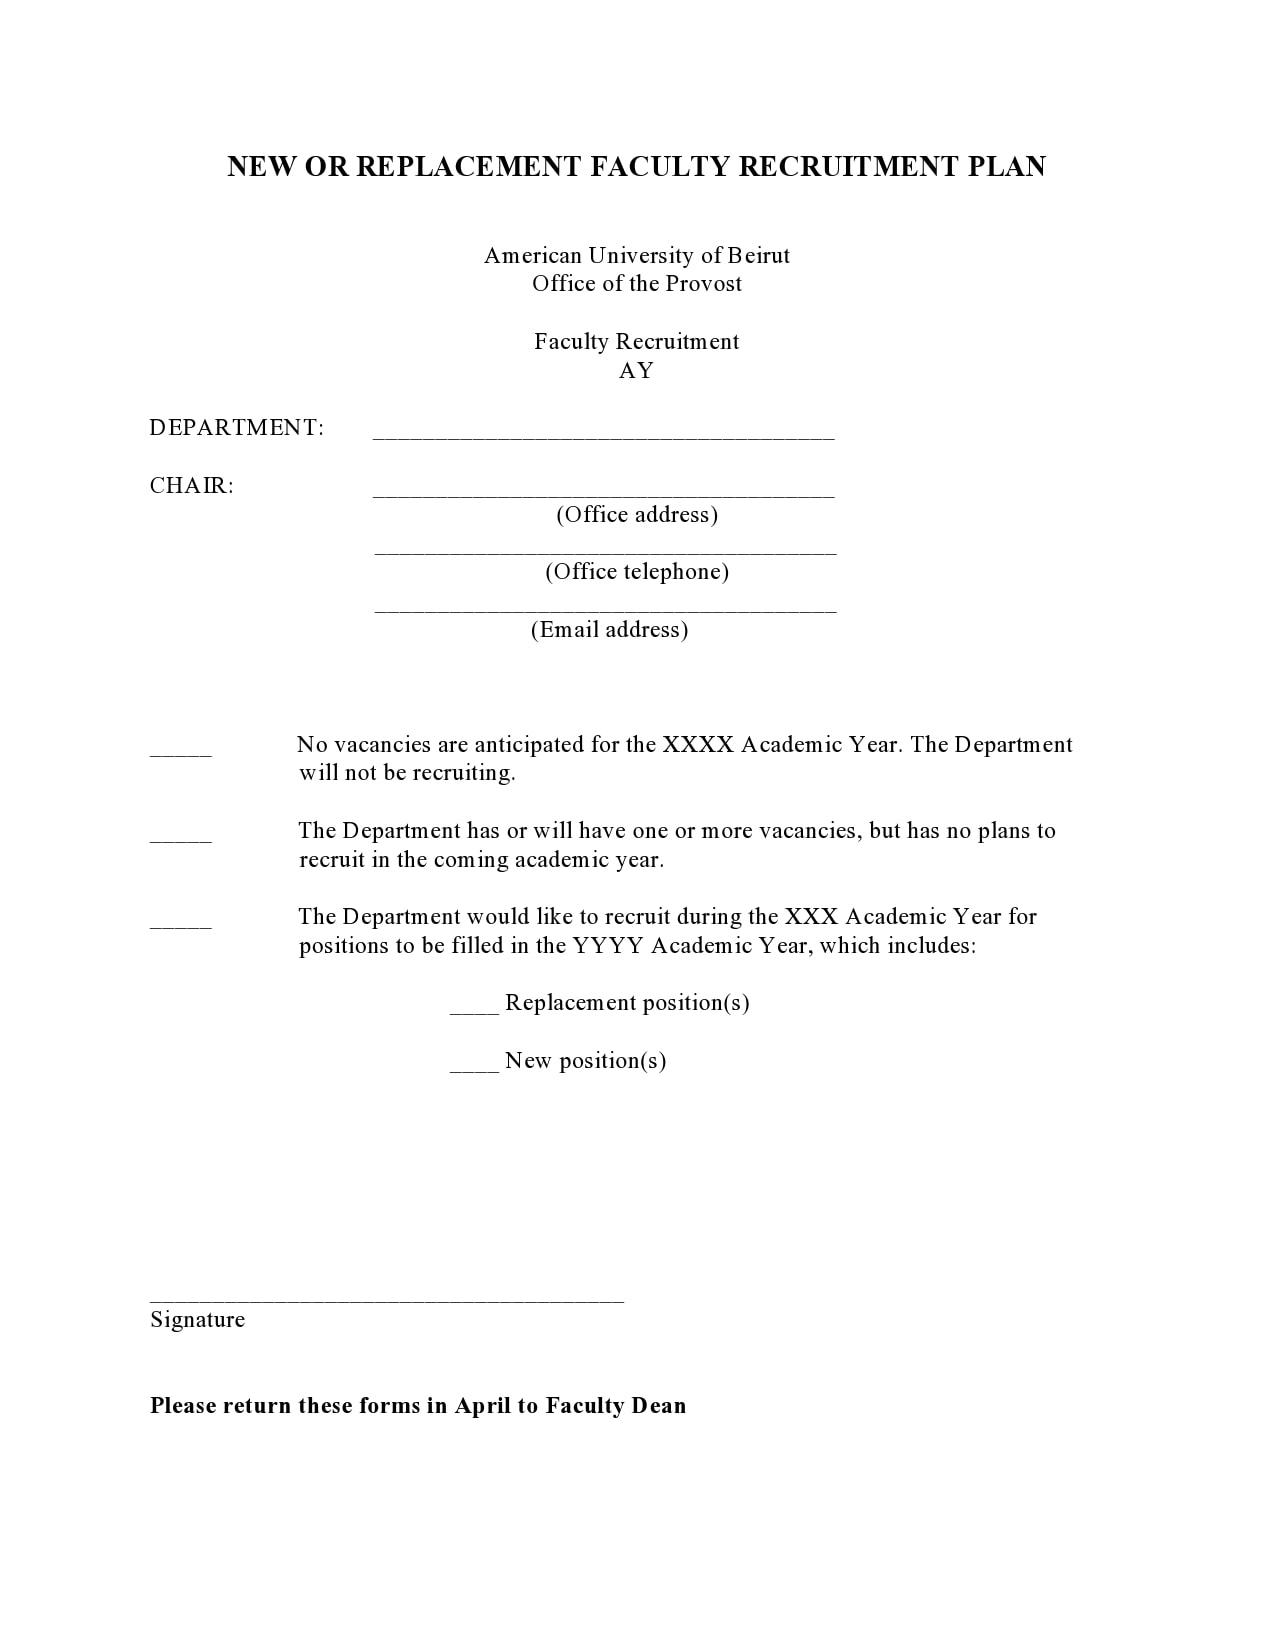 recruitment plan template 24